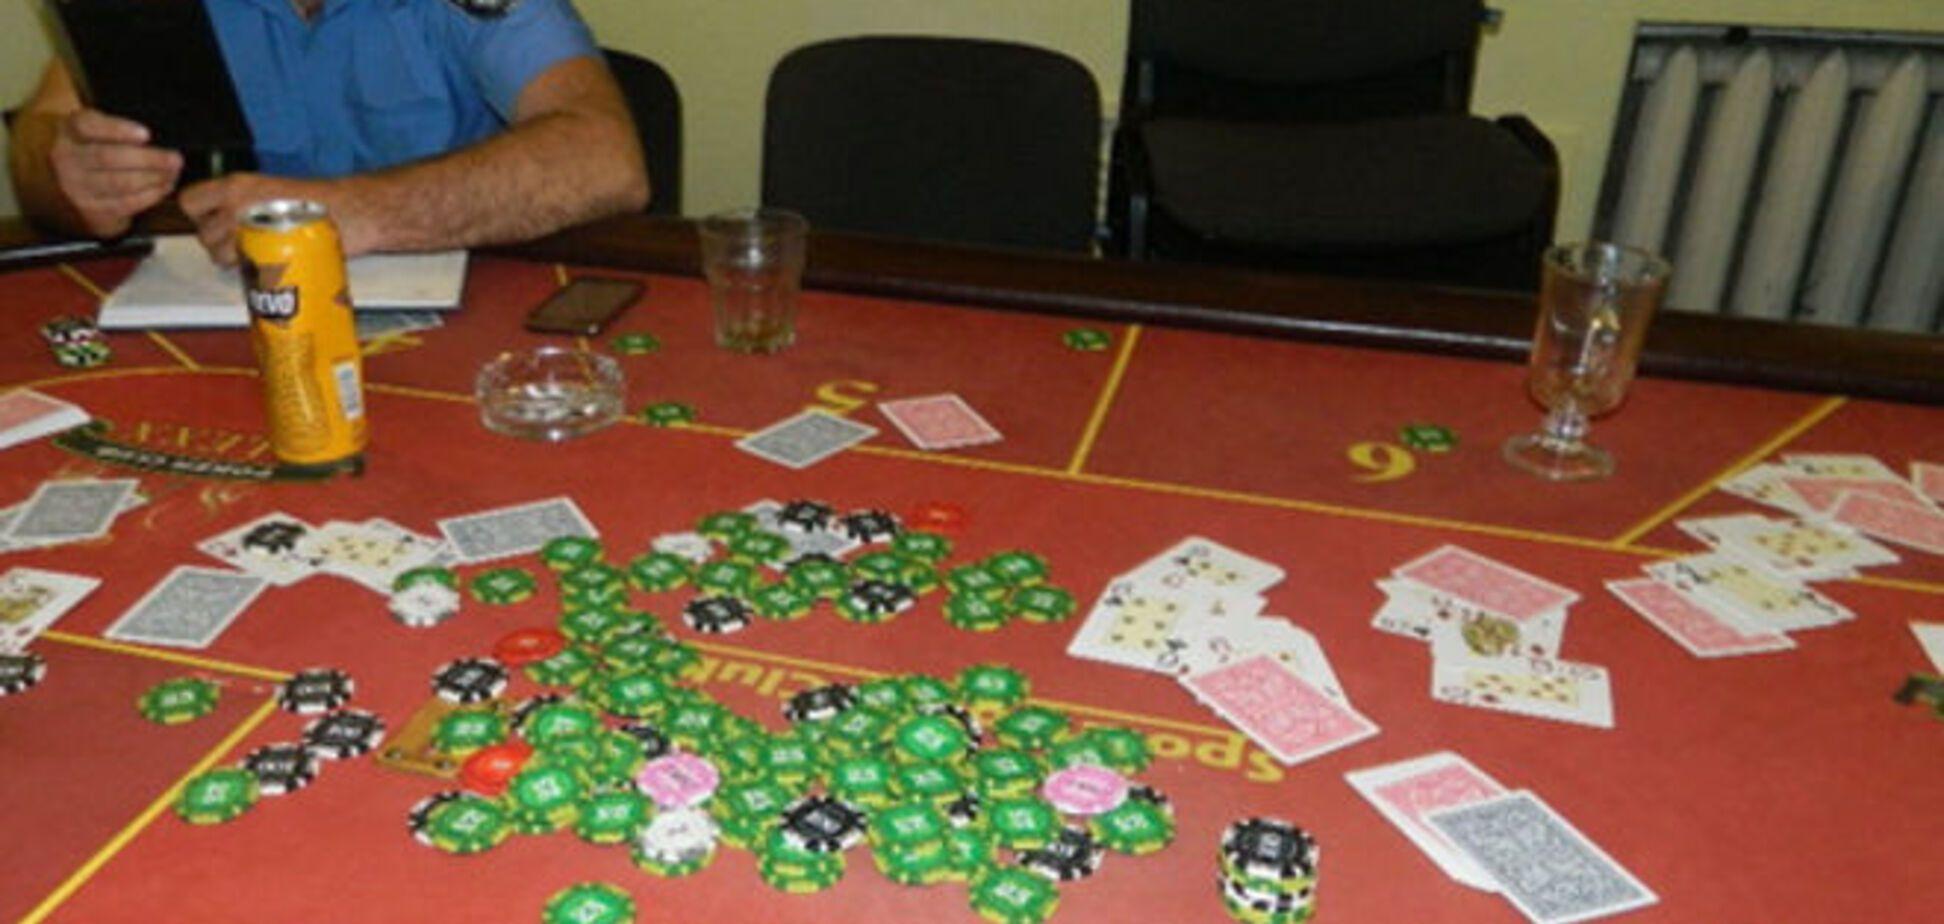 В Киеве подпольное казино обнаружили в магазине 'Продукты'